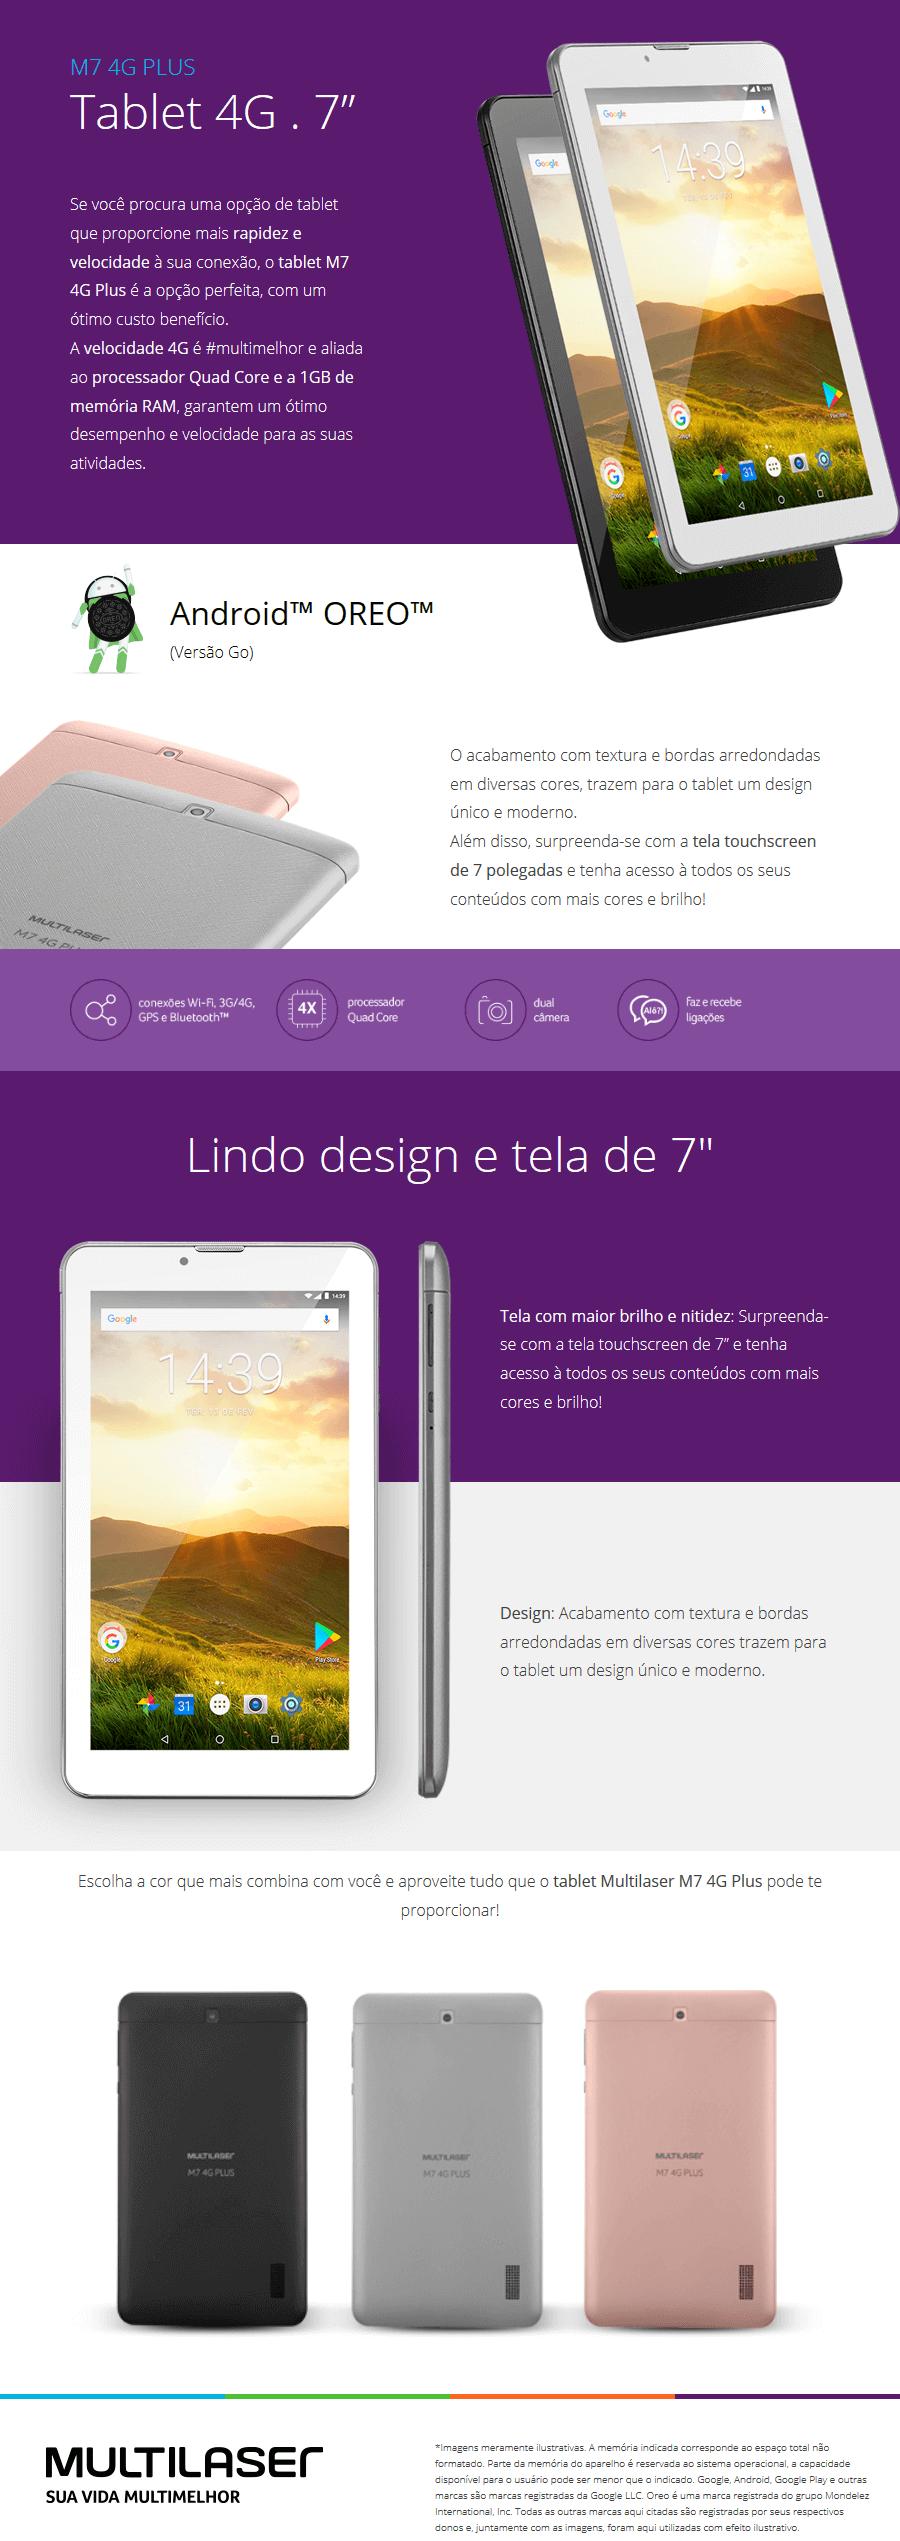 Tablet Multilaser M7 Plus